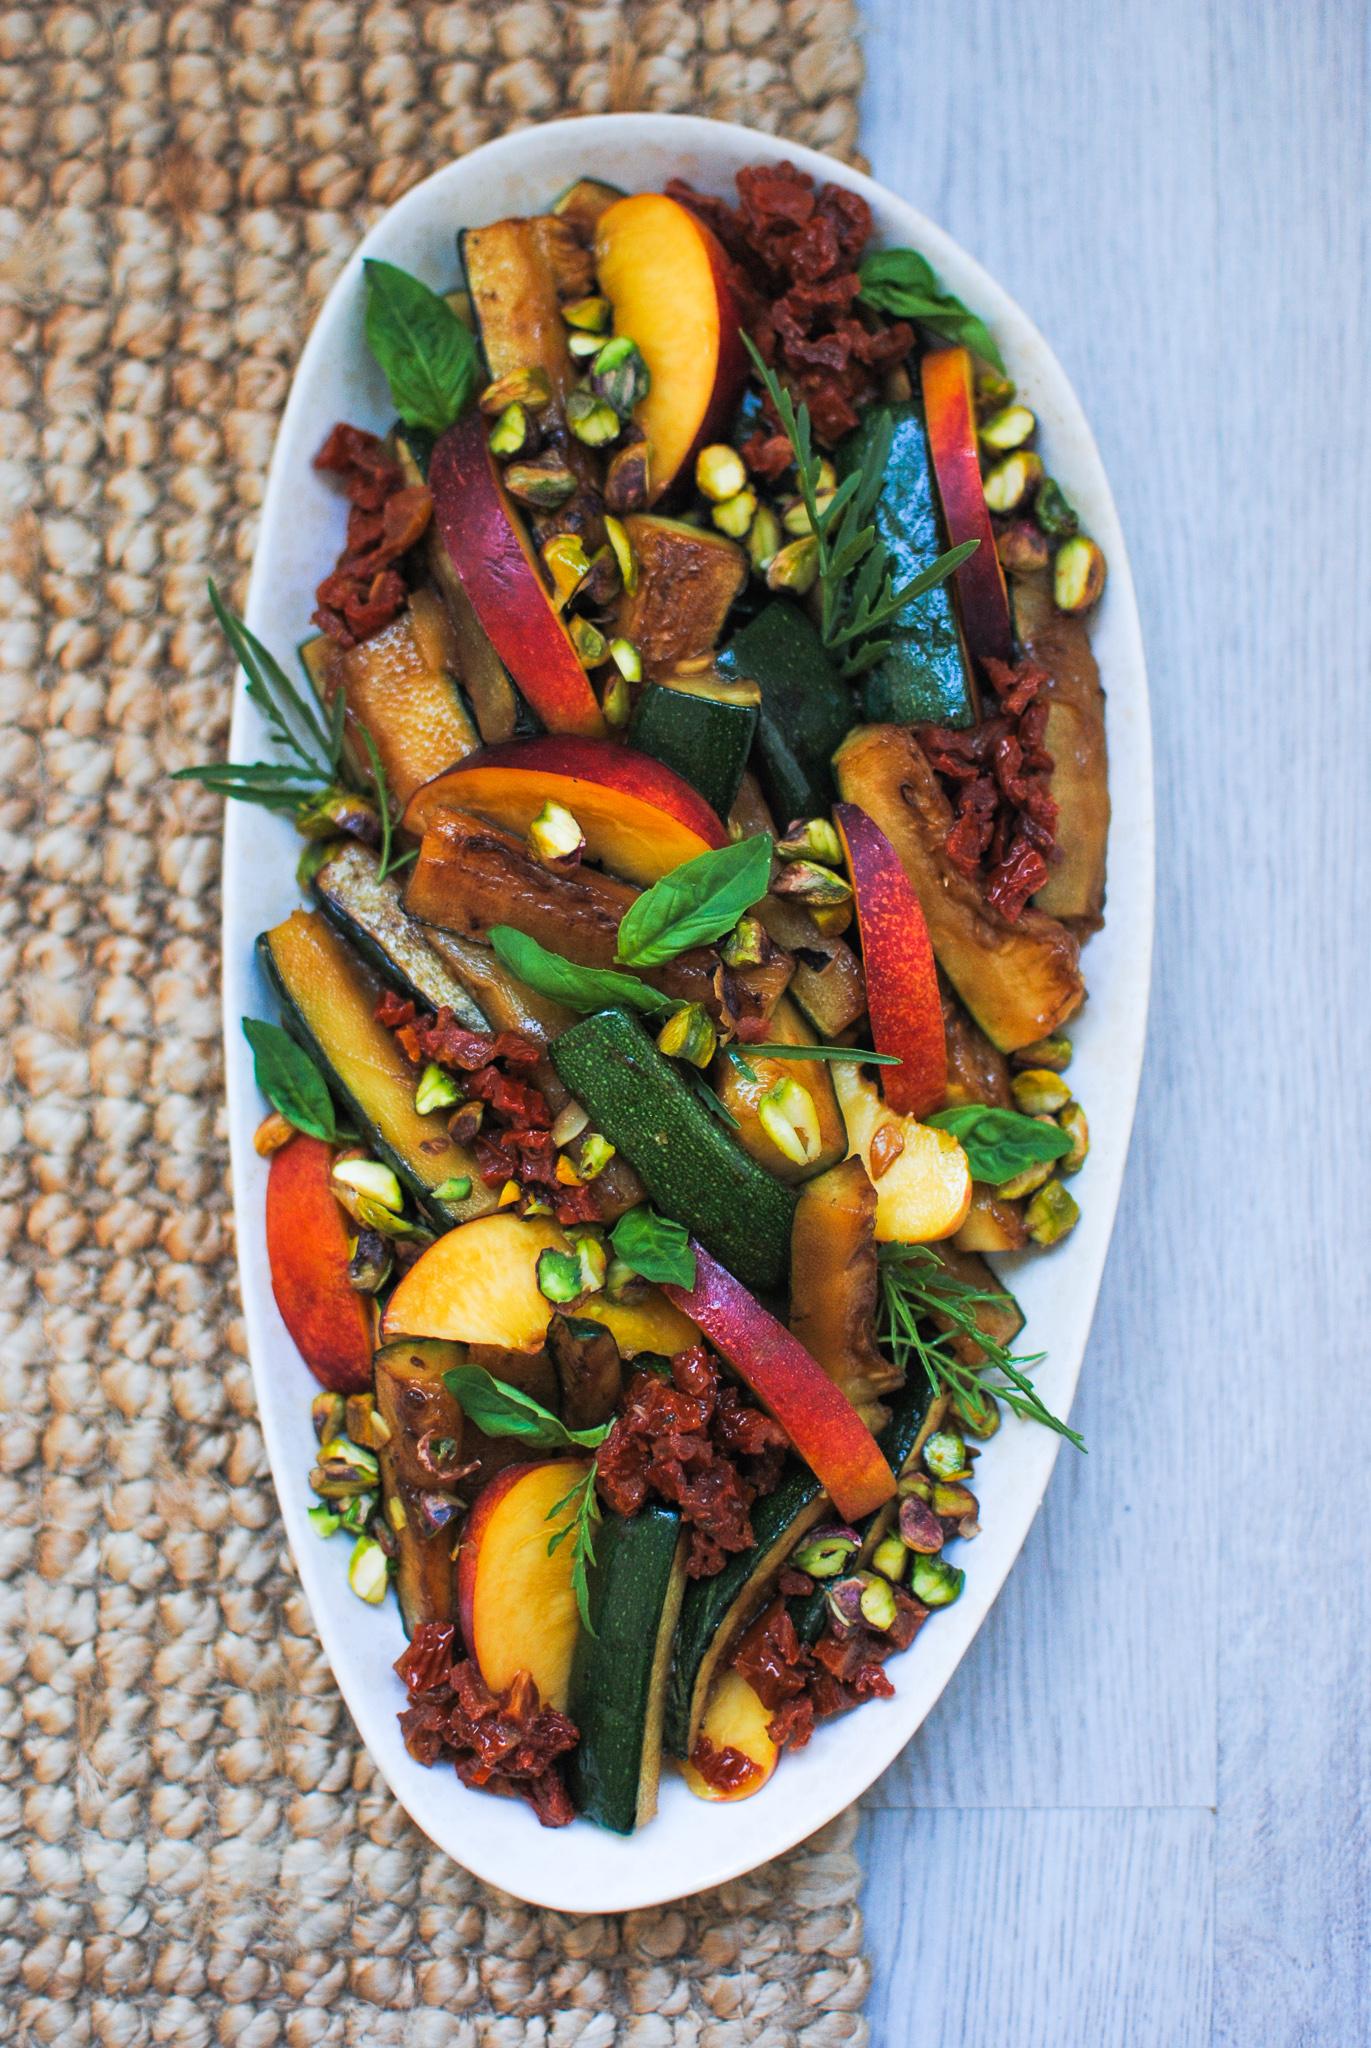 grelhada, nectarina e tomate seco   please consider   joana limao